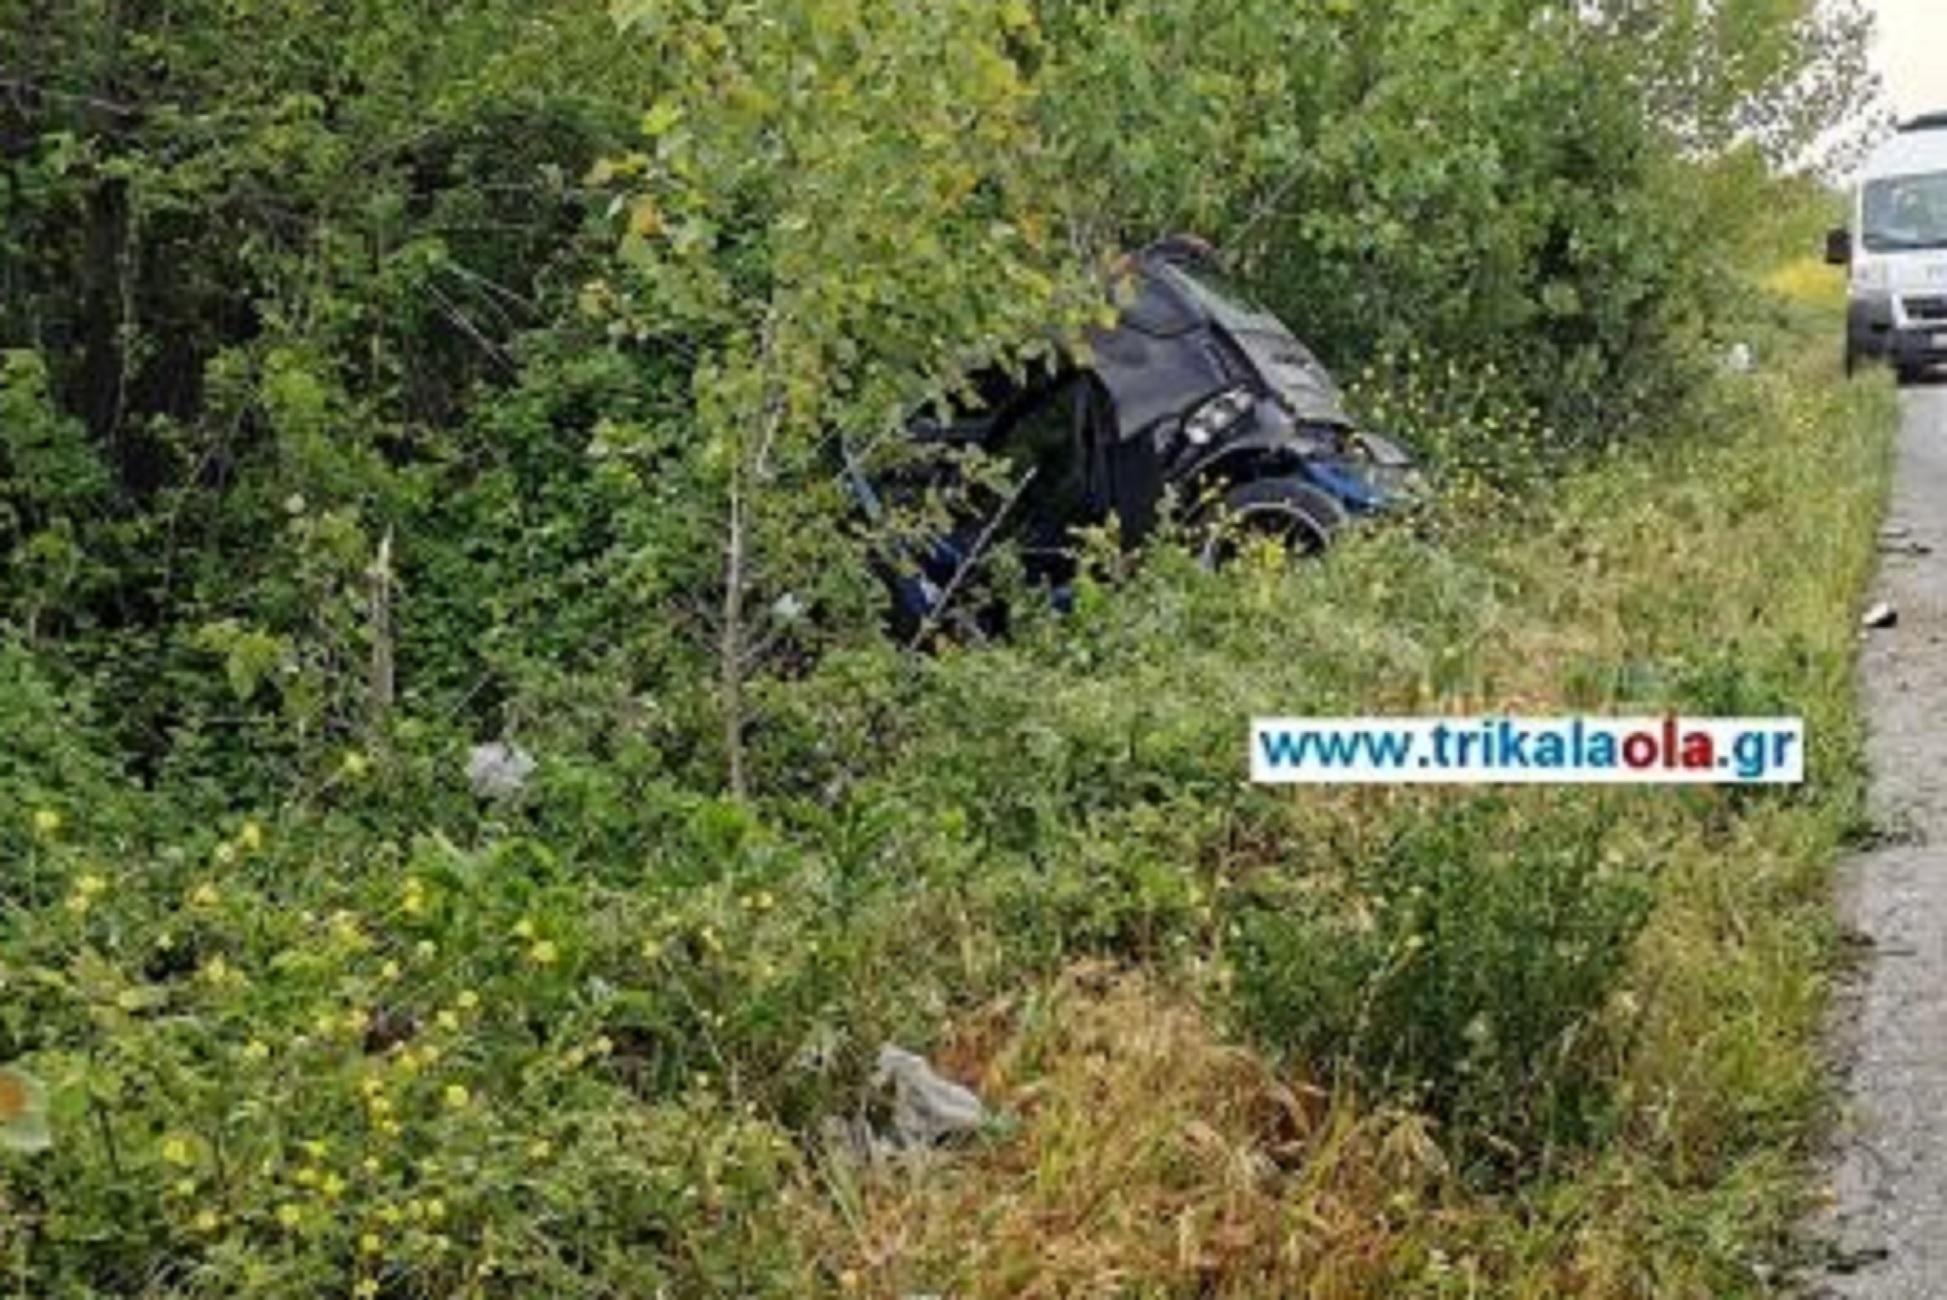 Τρίκαλα: Απίθανο τροχαίο σε δύο δόσεις – Σταμάτησε να βοηθήσει χωρίς να ξέρει ποια ήταν η οδηγός που εγκλωβίστηκε